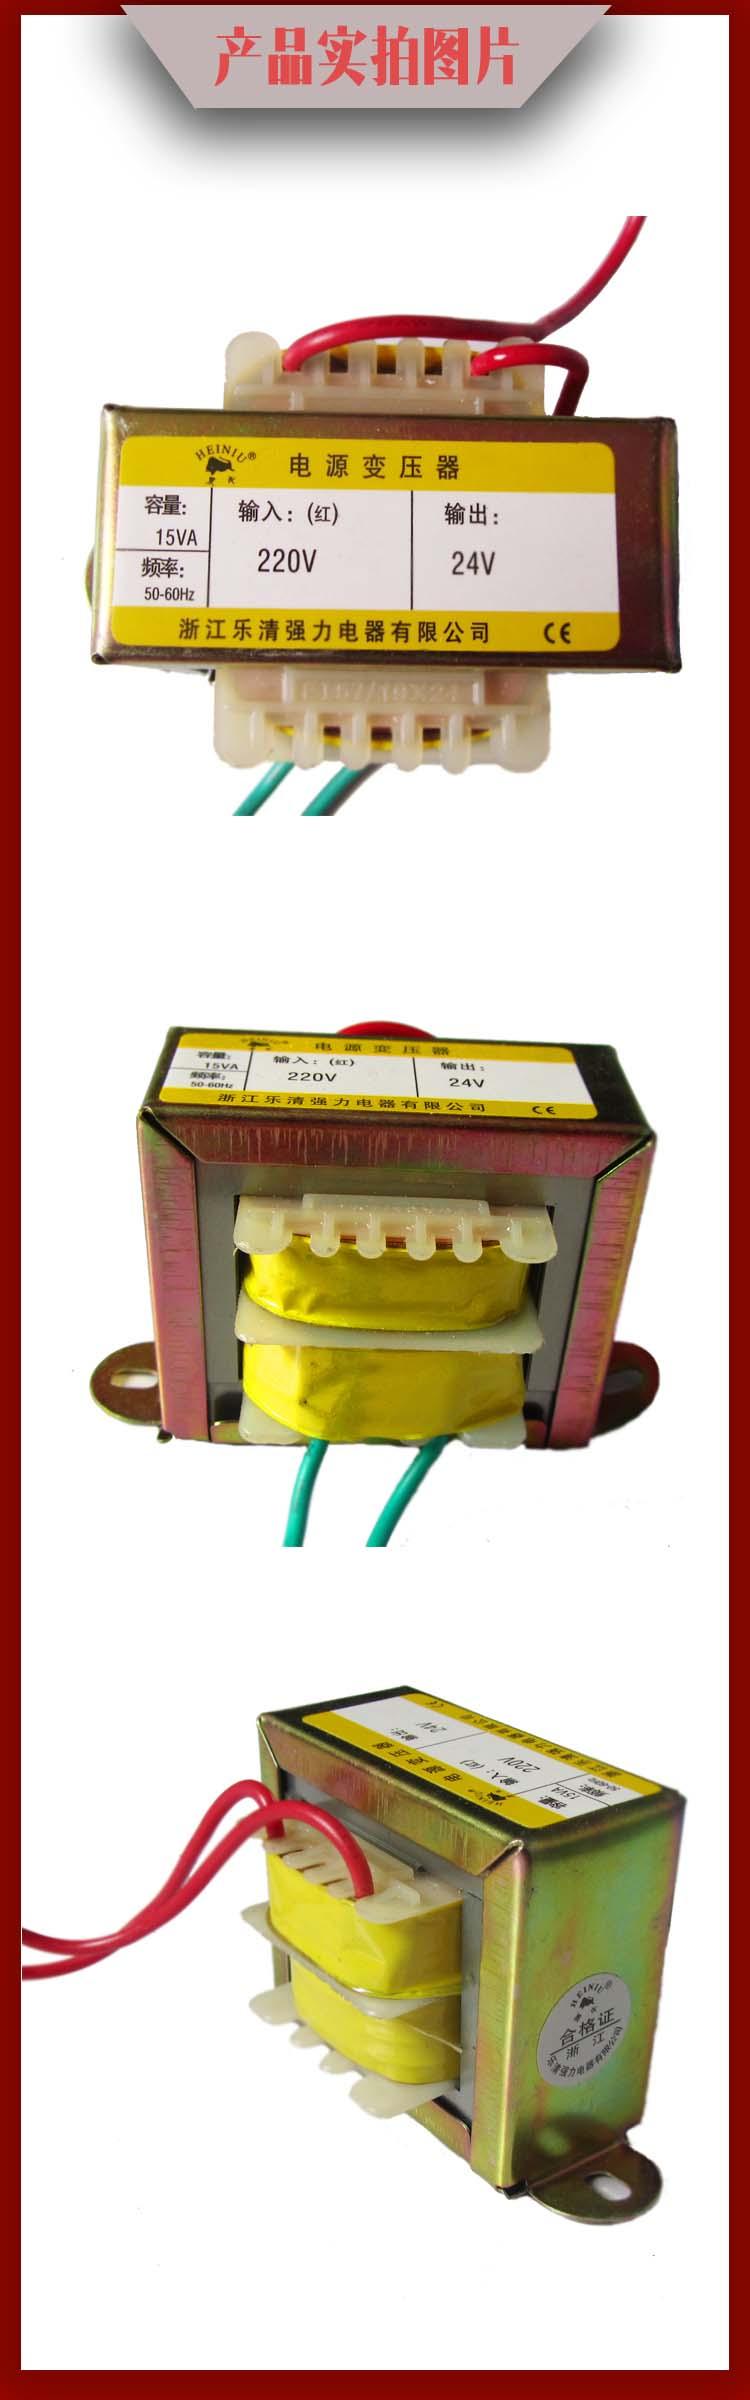 小型电源变压器-24